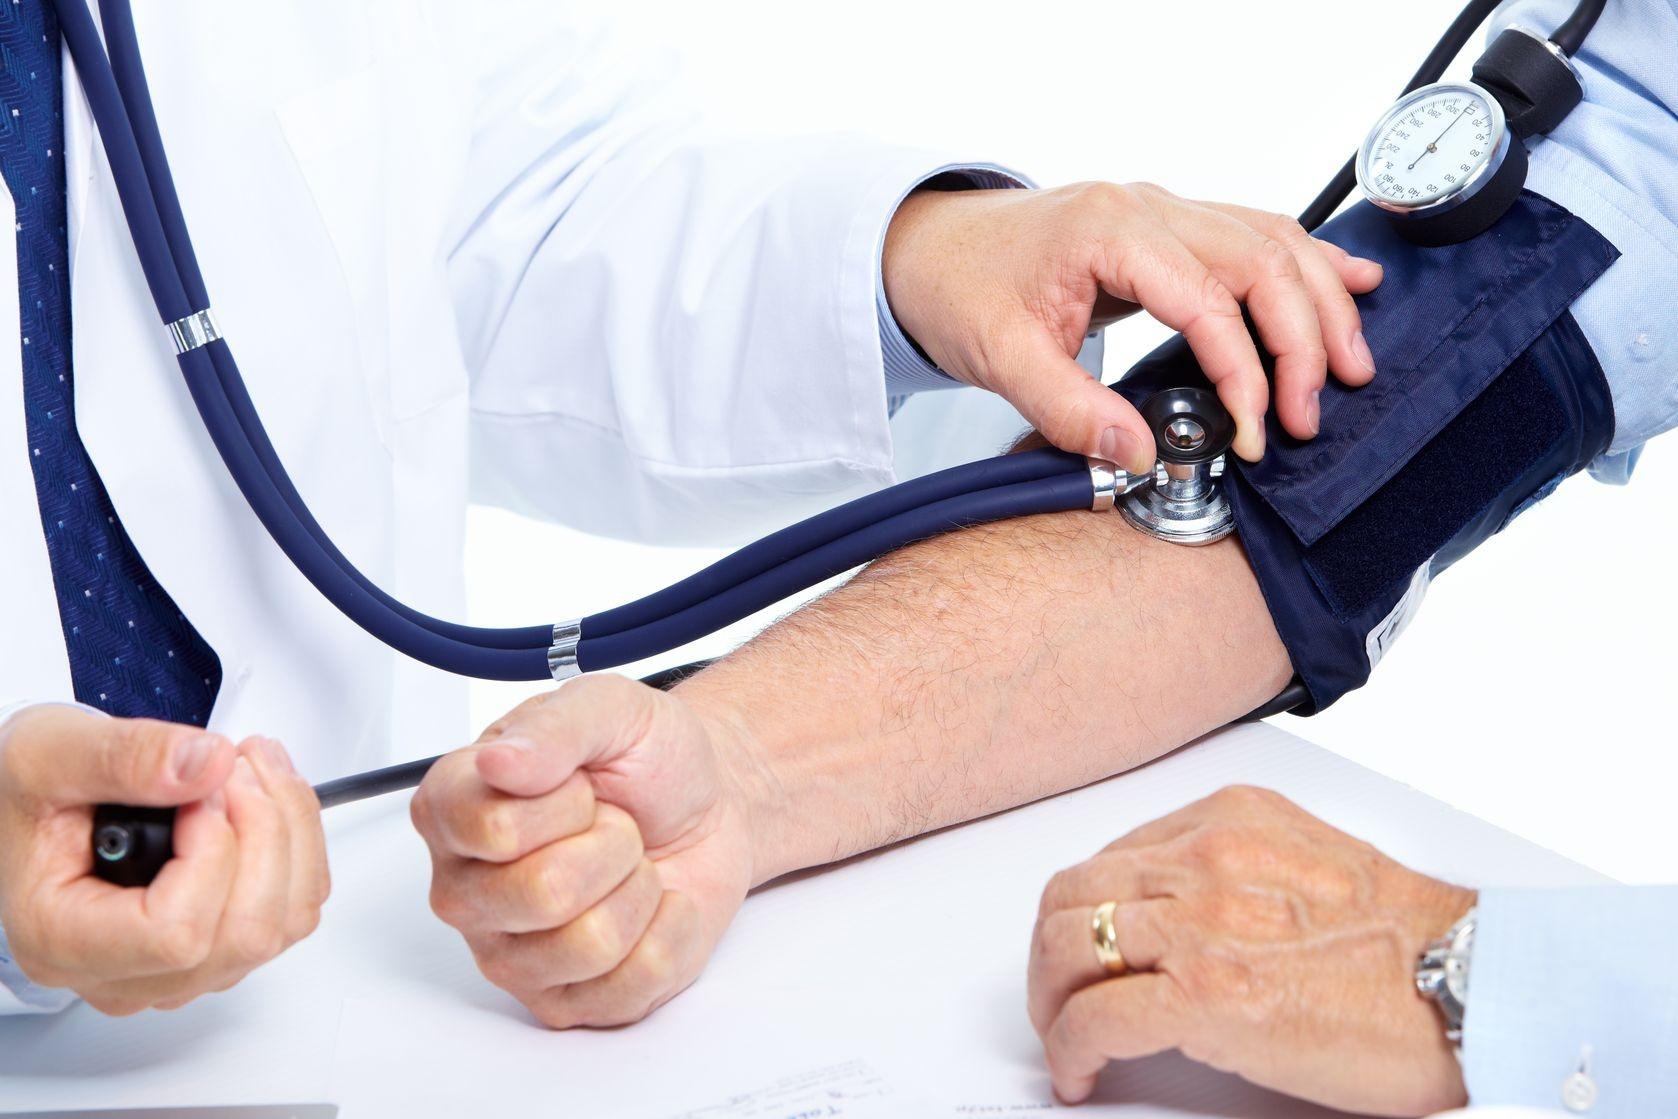 mi az izom hipertónia hallgasson gyógyító zenét a magas vérnyomás ellen